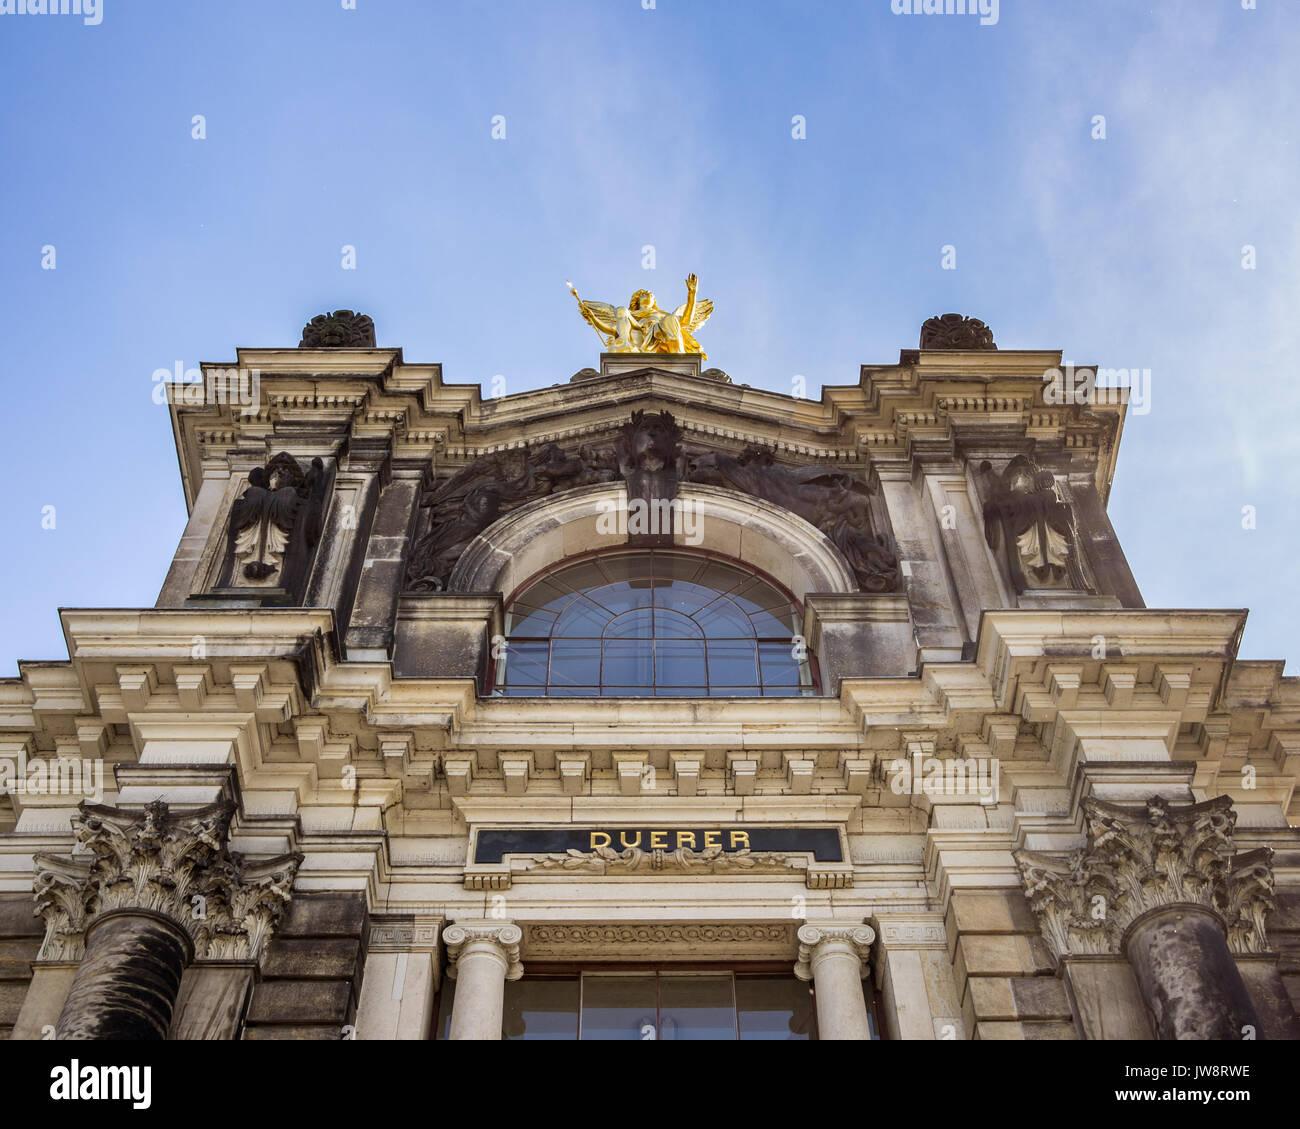 Historische Kunst Akademie Gebäude Gedenken an Albrecht Dürer in Dresden, Deutschland Stockbild